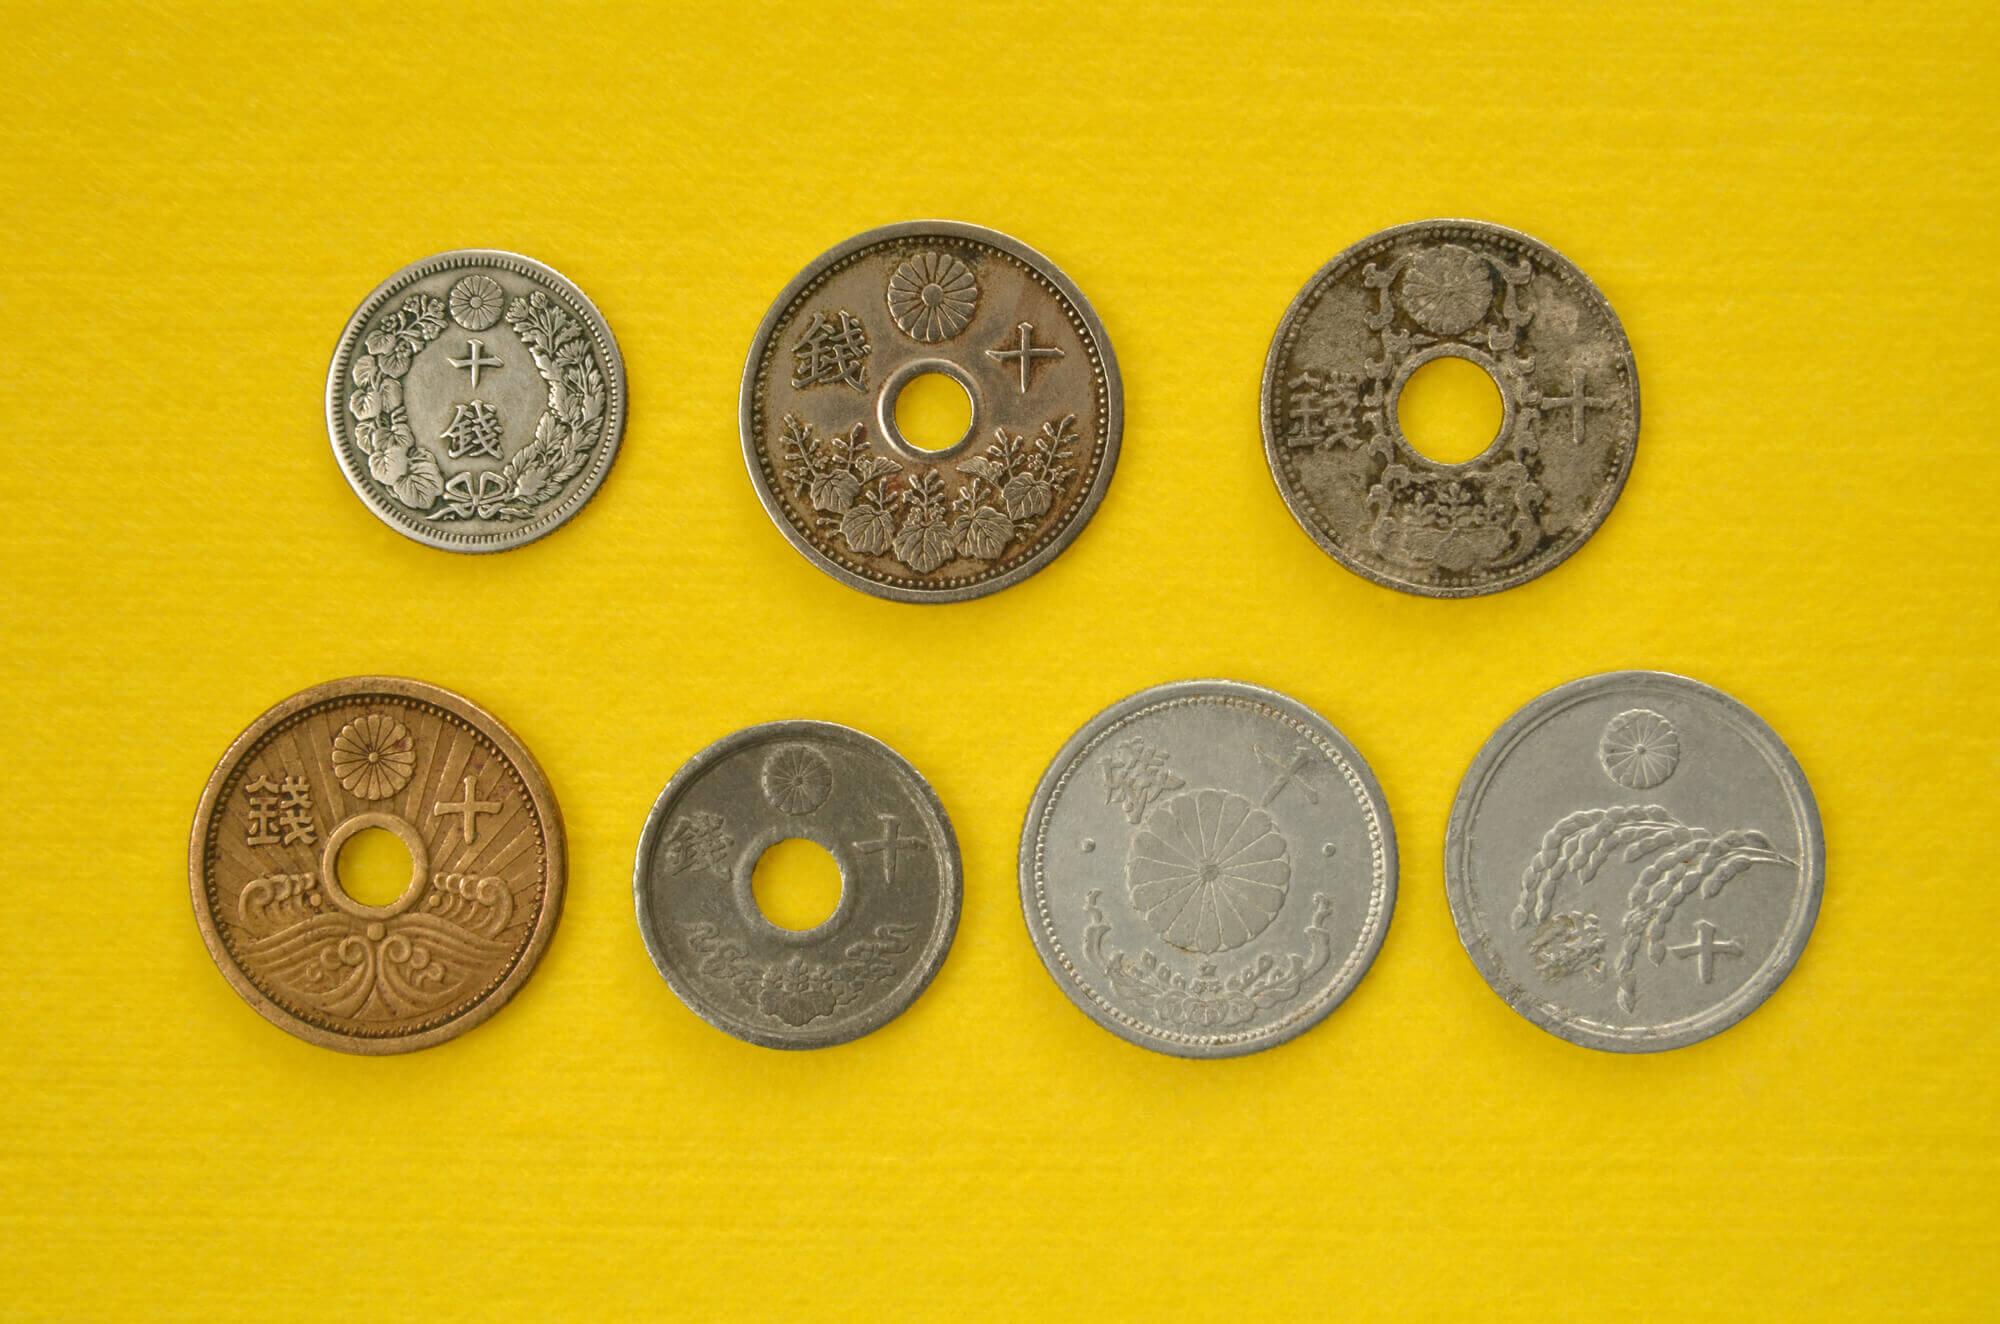 古銭買取の相場や価格はどれくらい?古銭を高く売るためのポイントについて